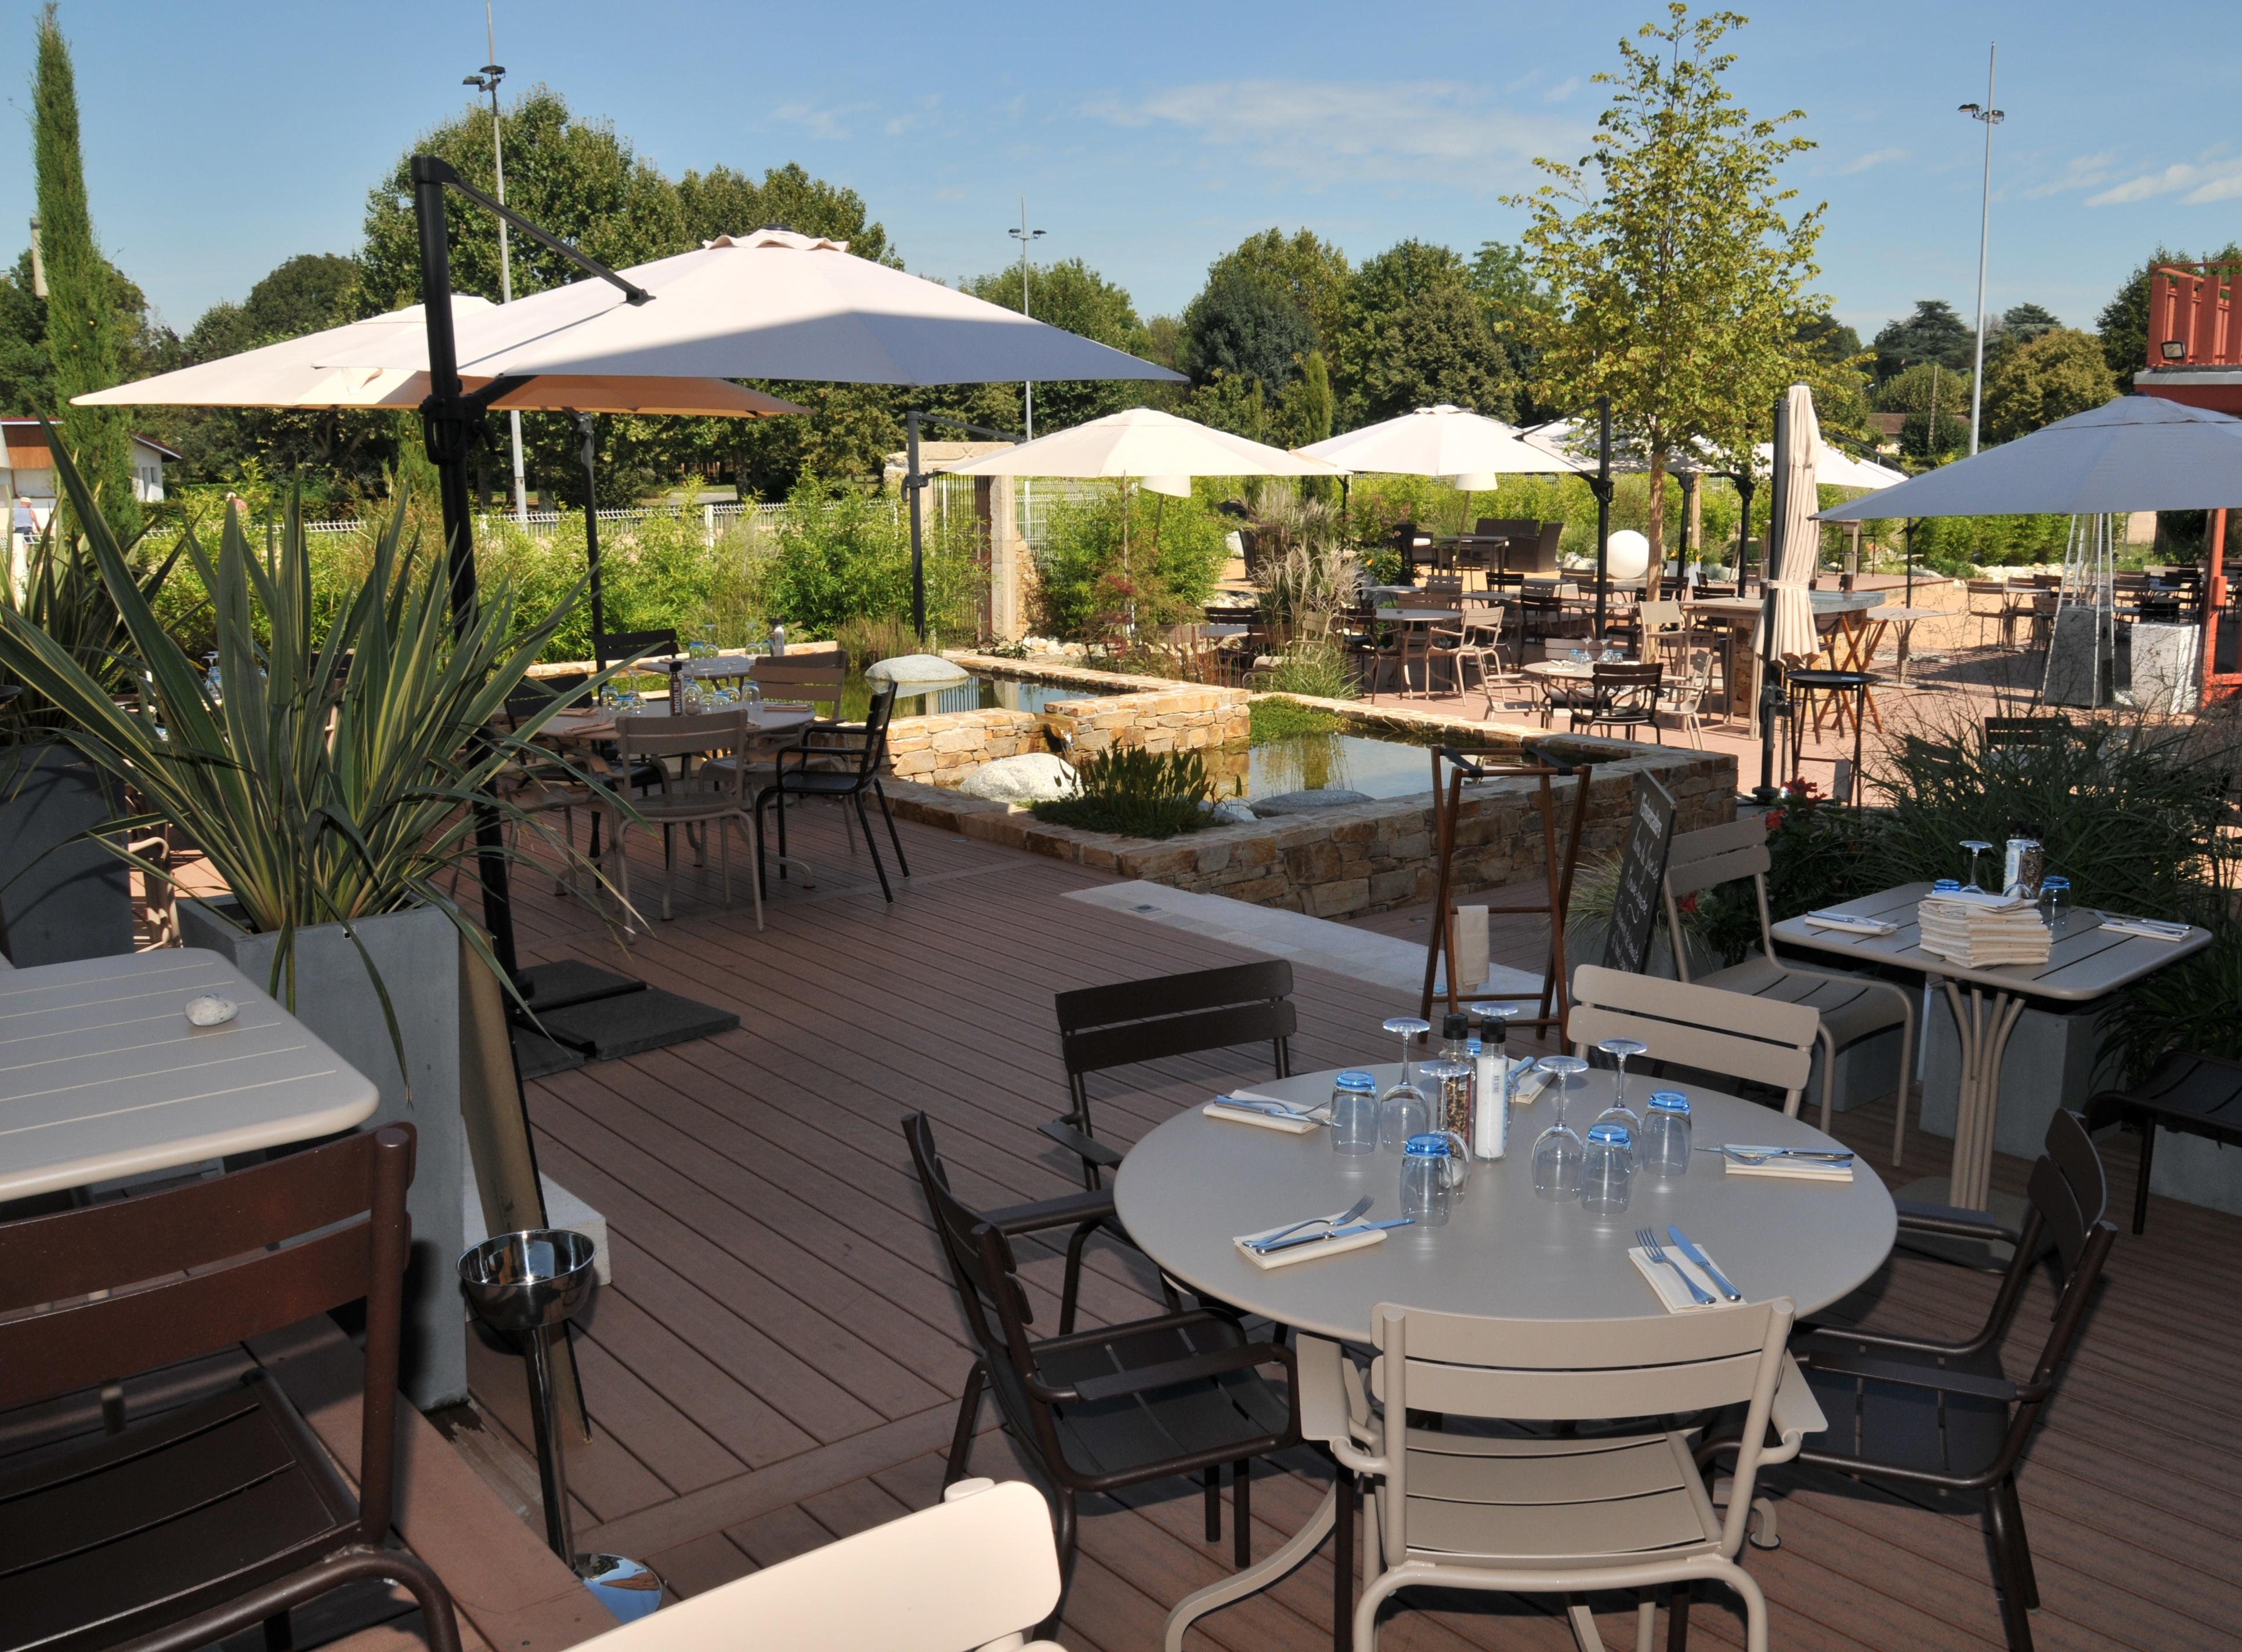 Restaurant l 39 embarcad re jassans riottier restauration for Jardin couvert lyon